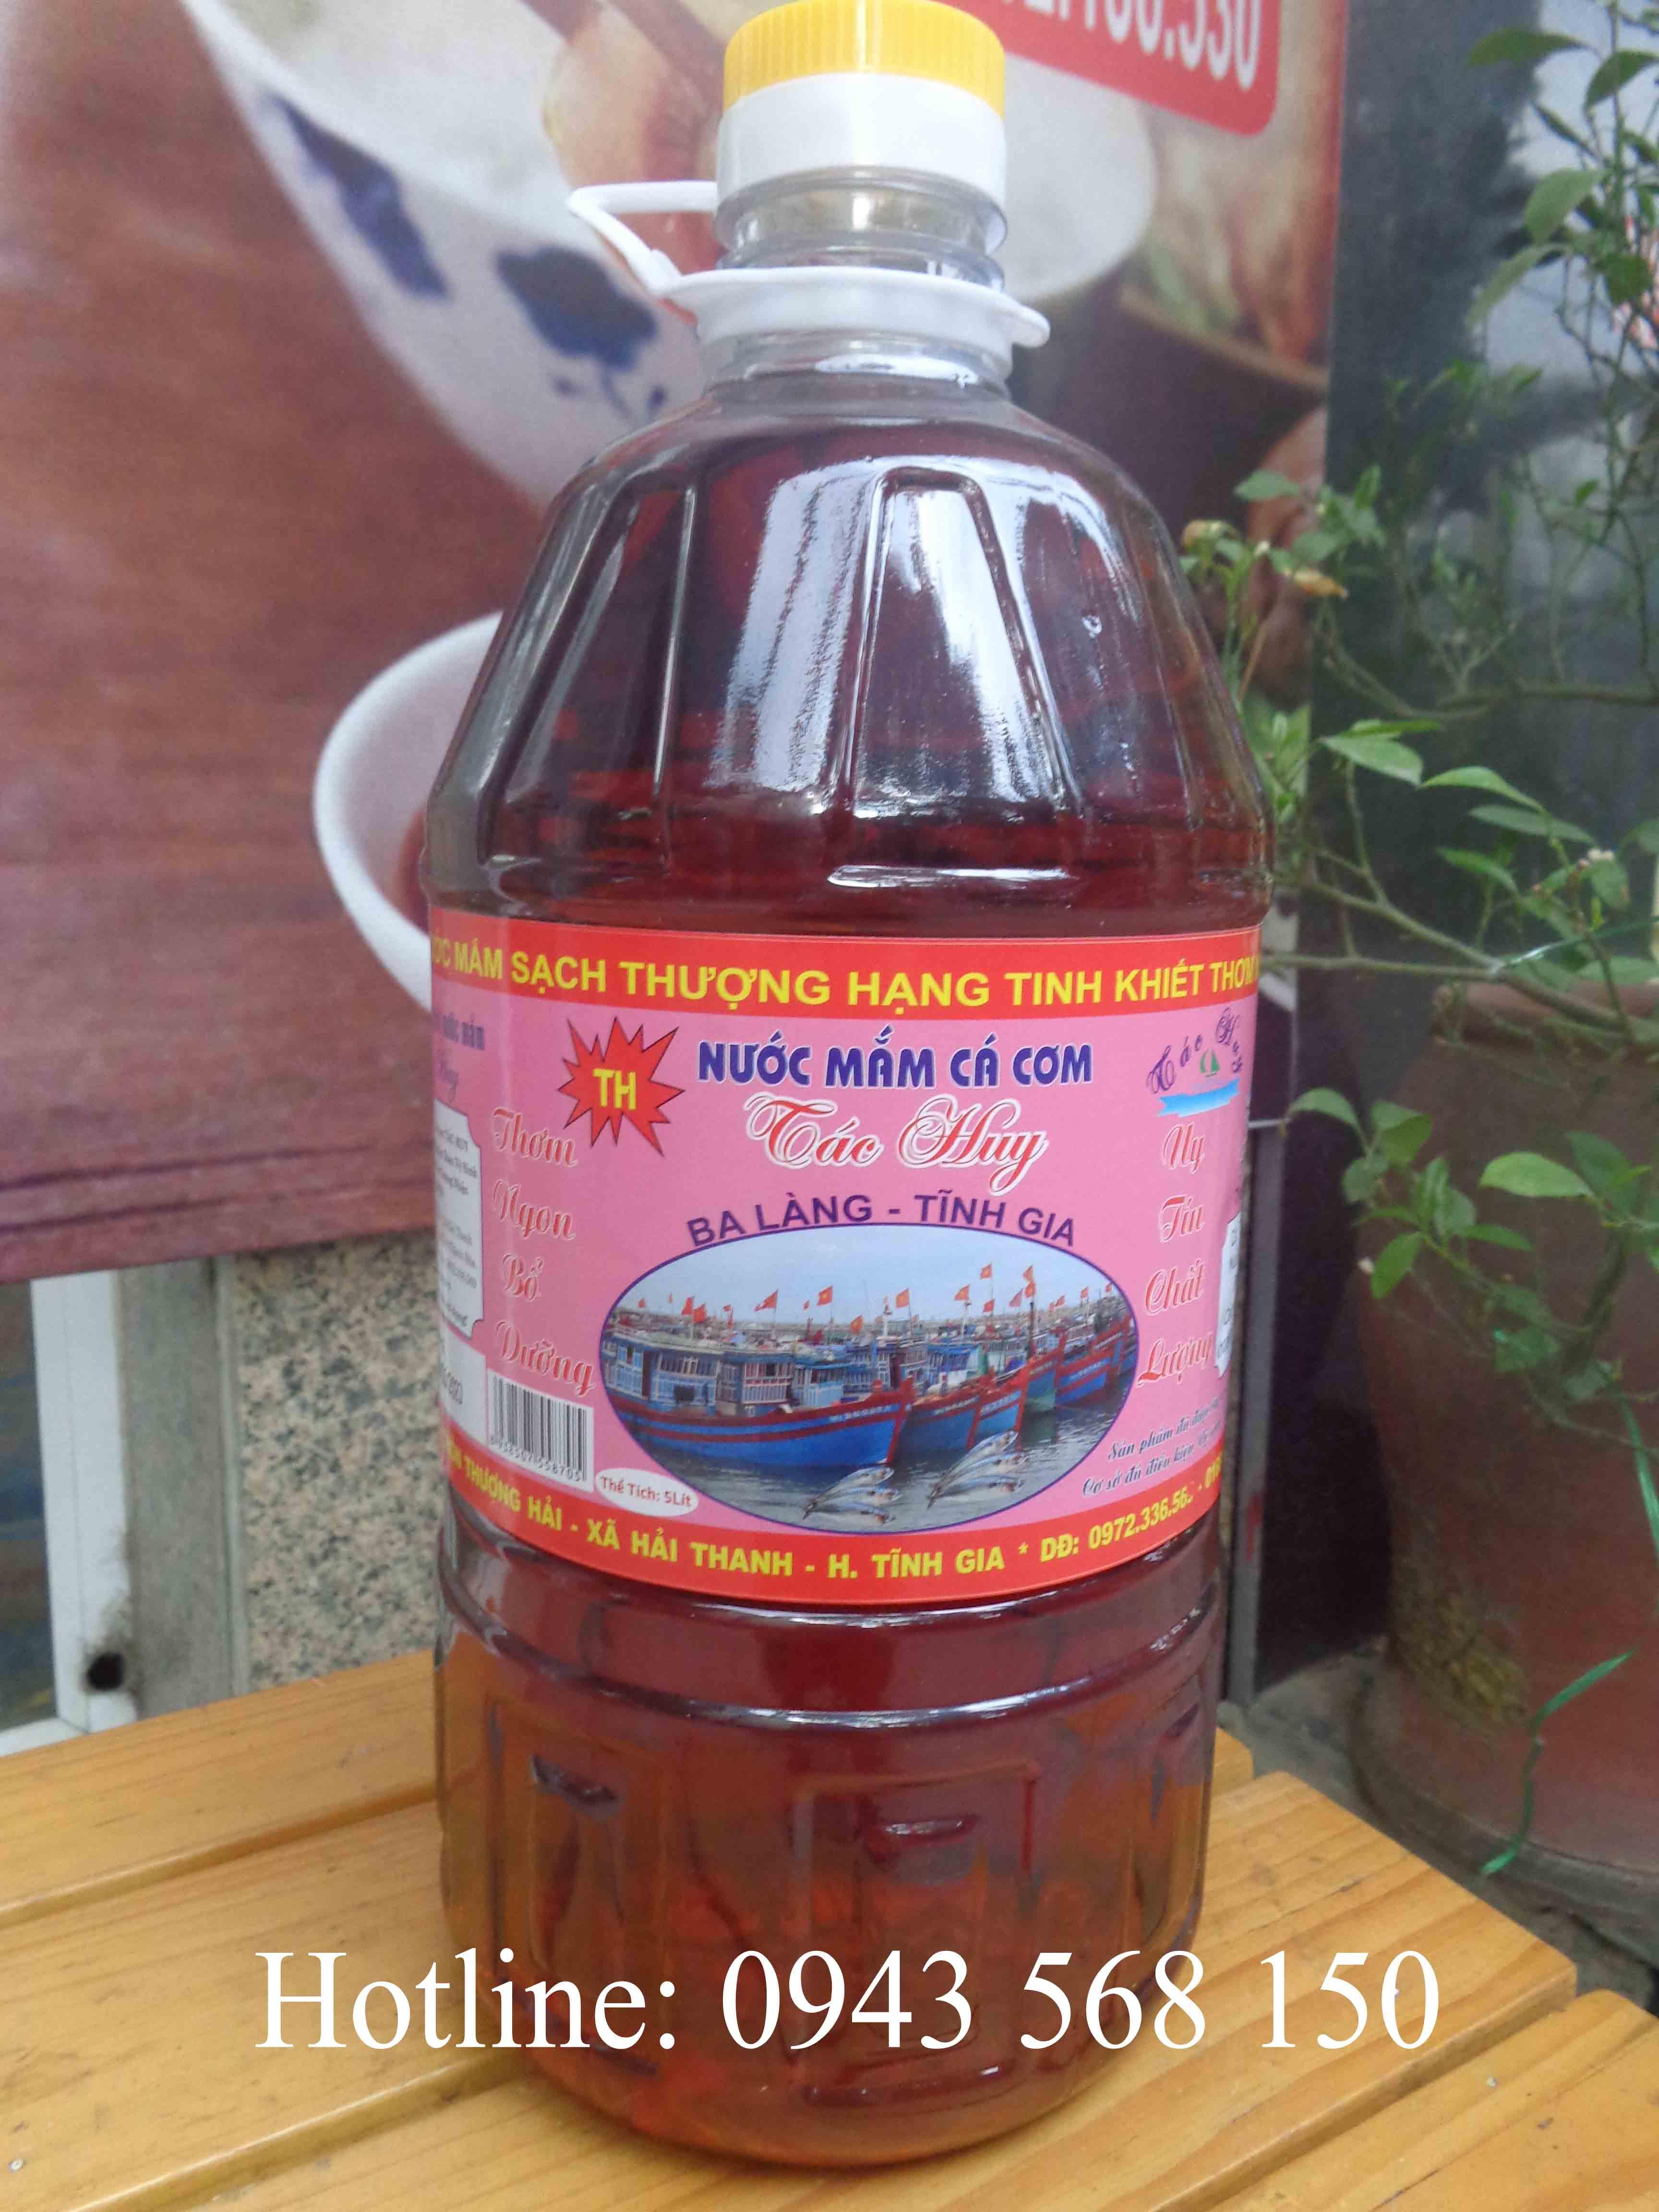 Nước mắm cá cơm Ba làng - Thanh Hóa (can 5l) siêu tiết kiệm!